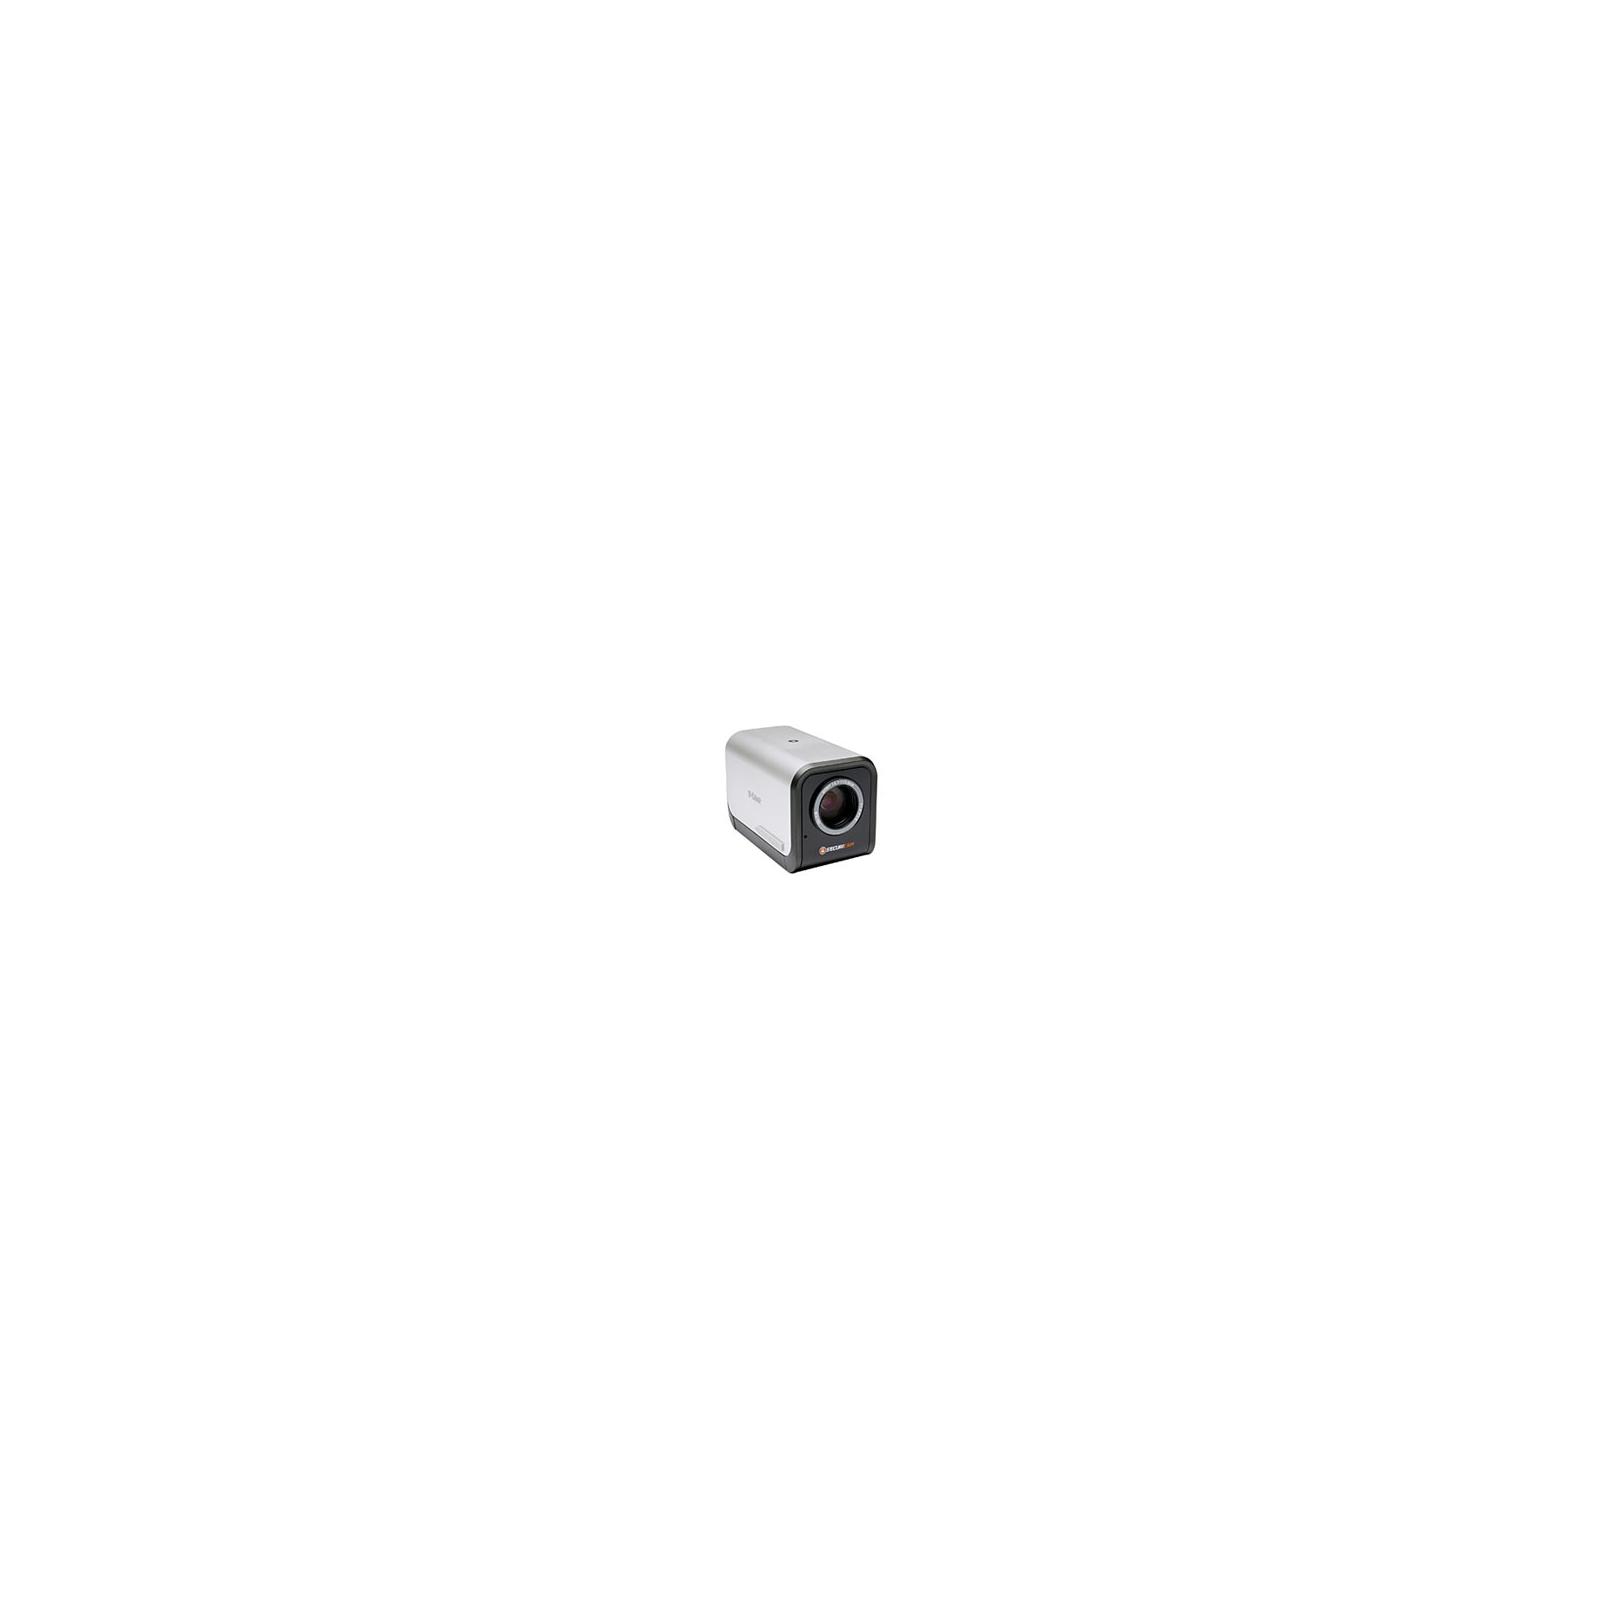 Сетевая камера D-Link DCS-3415